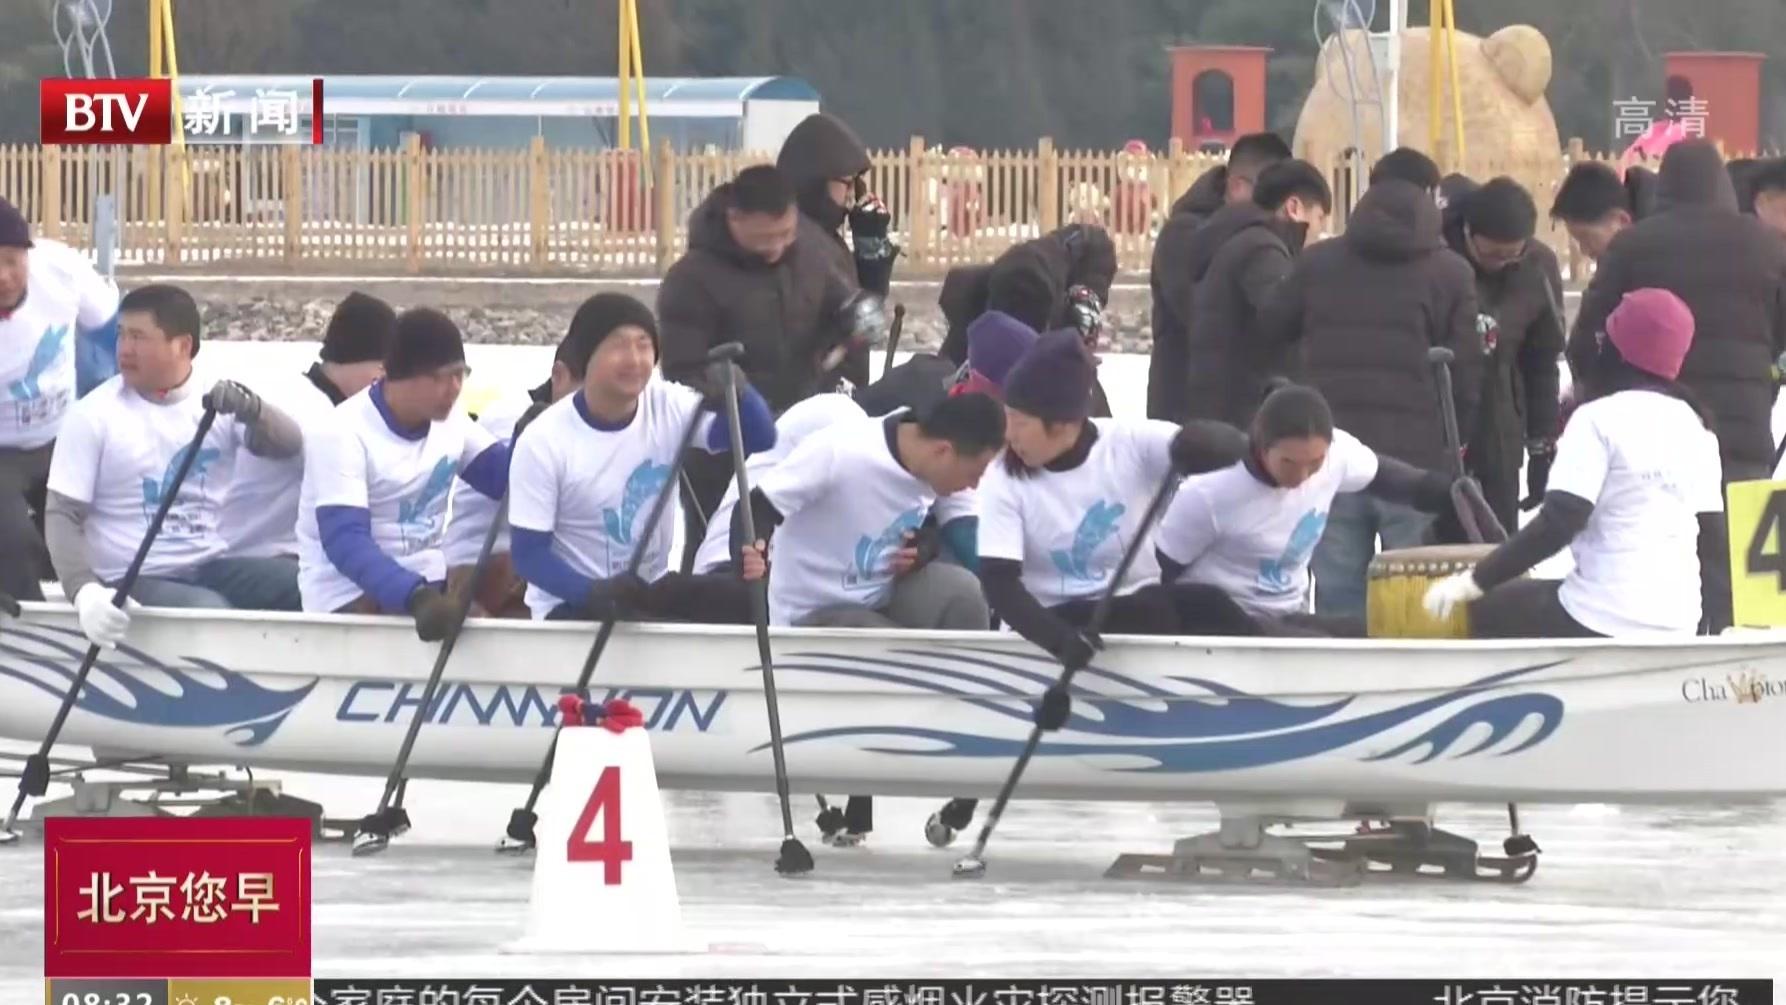 冰上赛龙舟  燃情冰雪季:第二届北京市冰上龙舟大赛举行